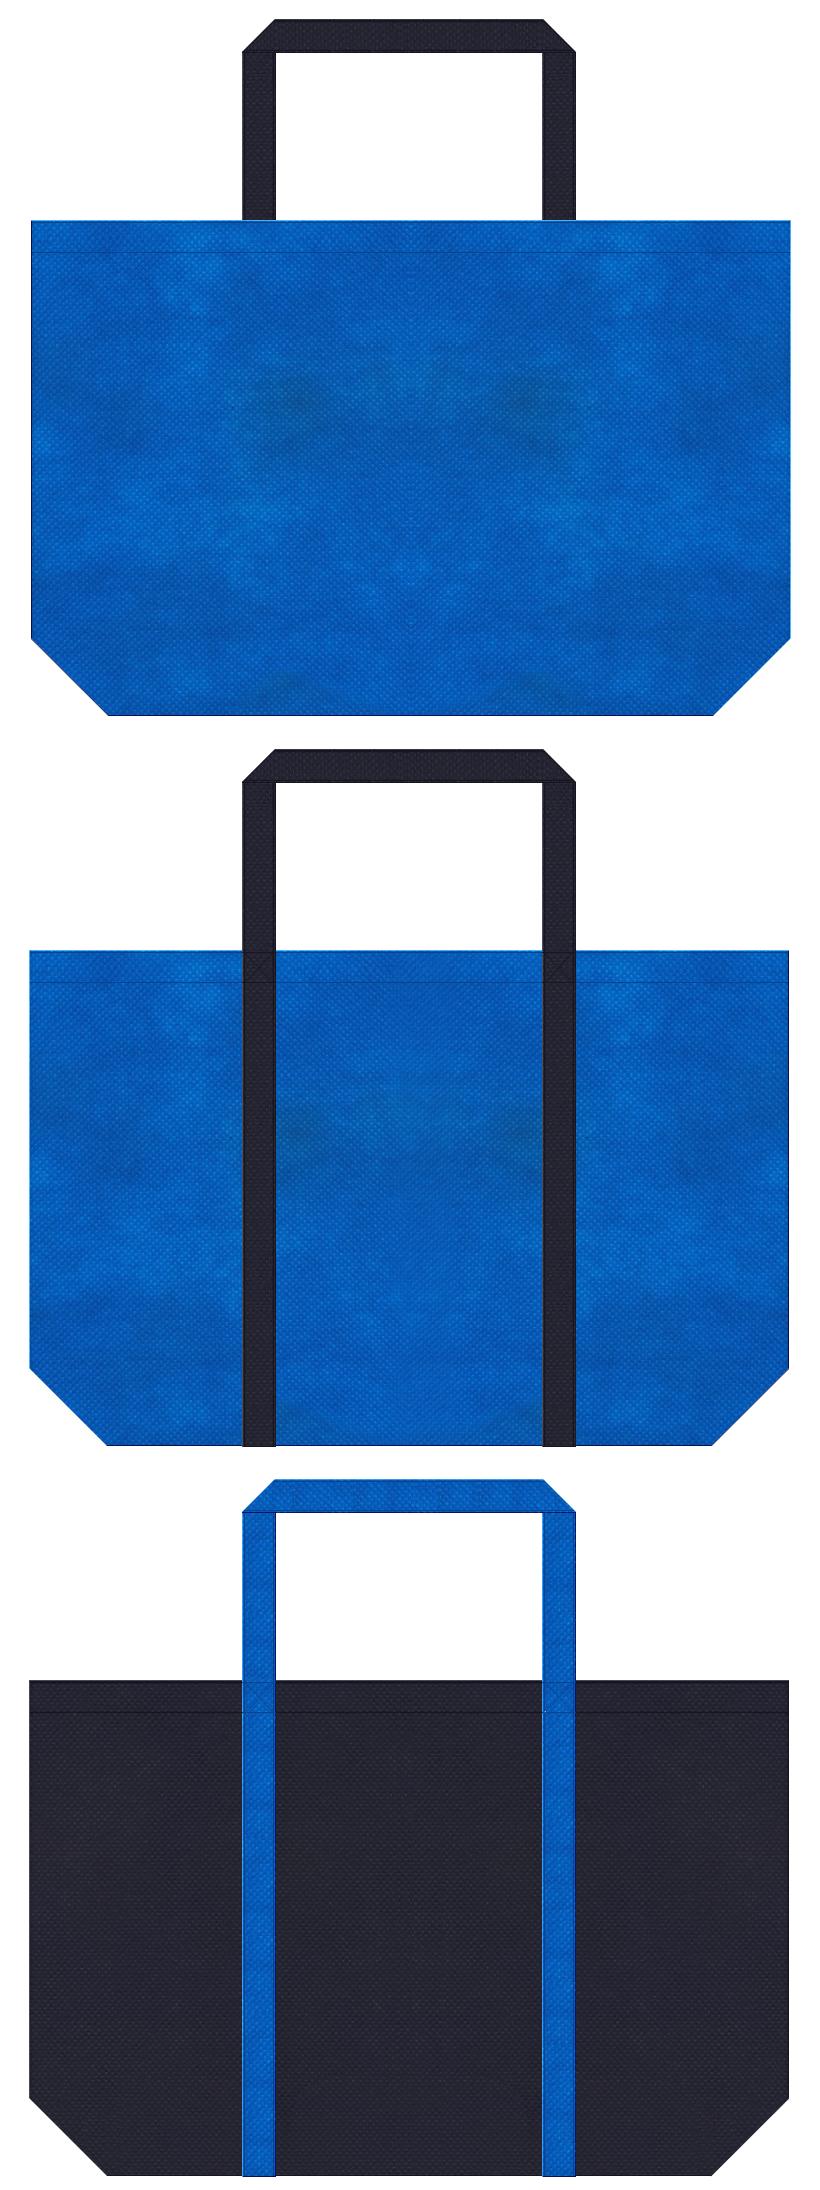 不織布トートバッグ 舟底タイプ 不織布カラーNo.22スカイブルーとNo.20ナイトブルーの組み合わせ